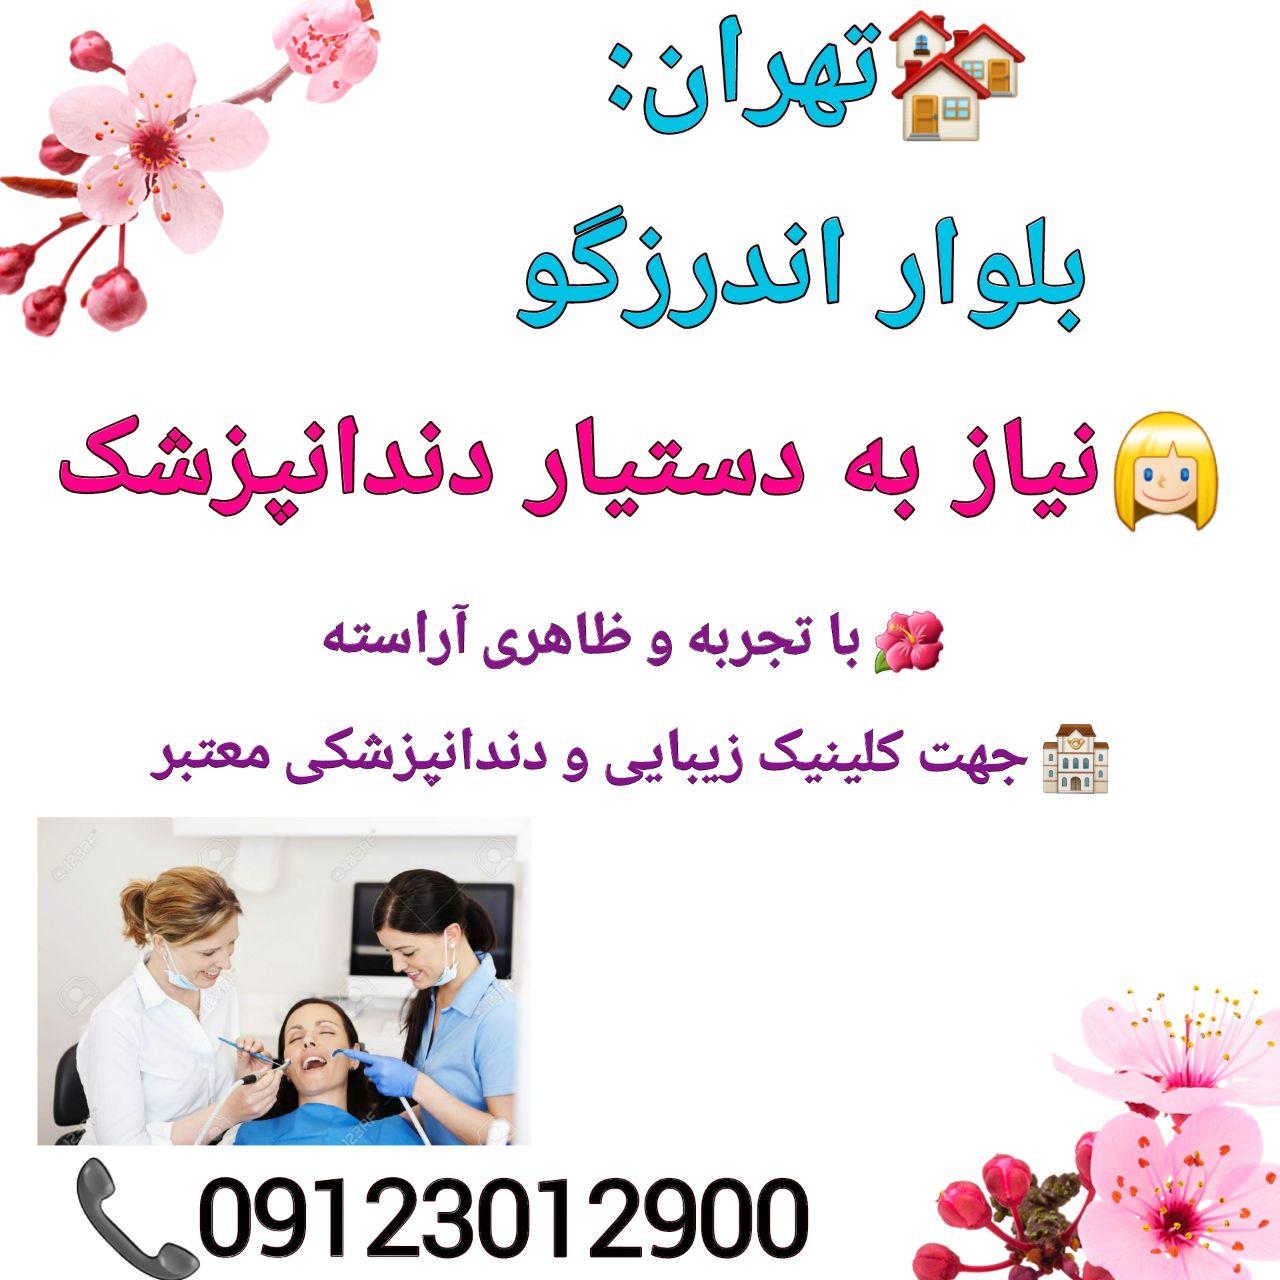 تهران: بلوار اندرزگو، نیاز به دستیار دندانپزشک